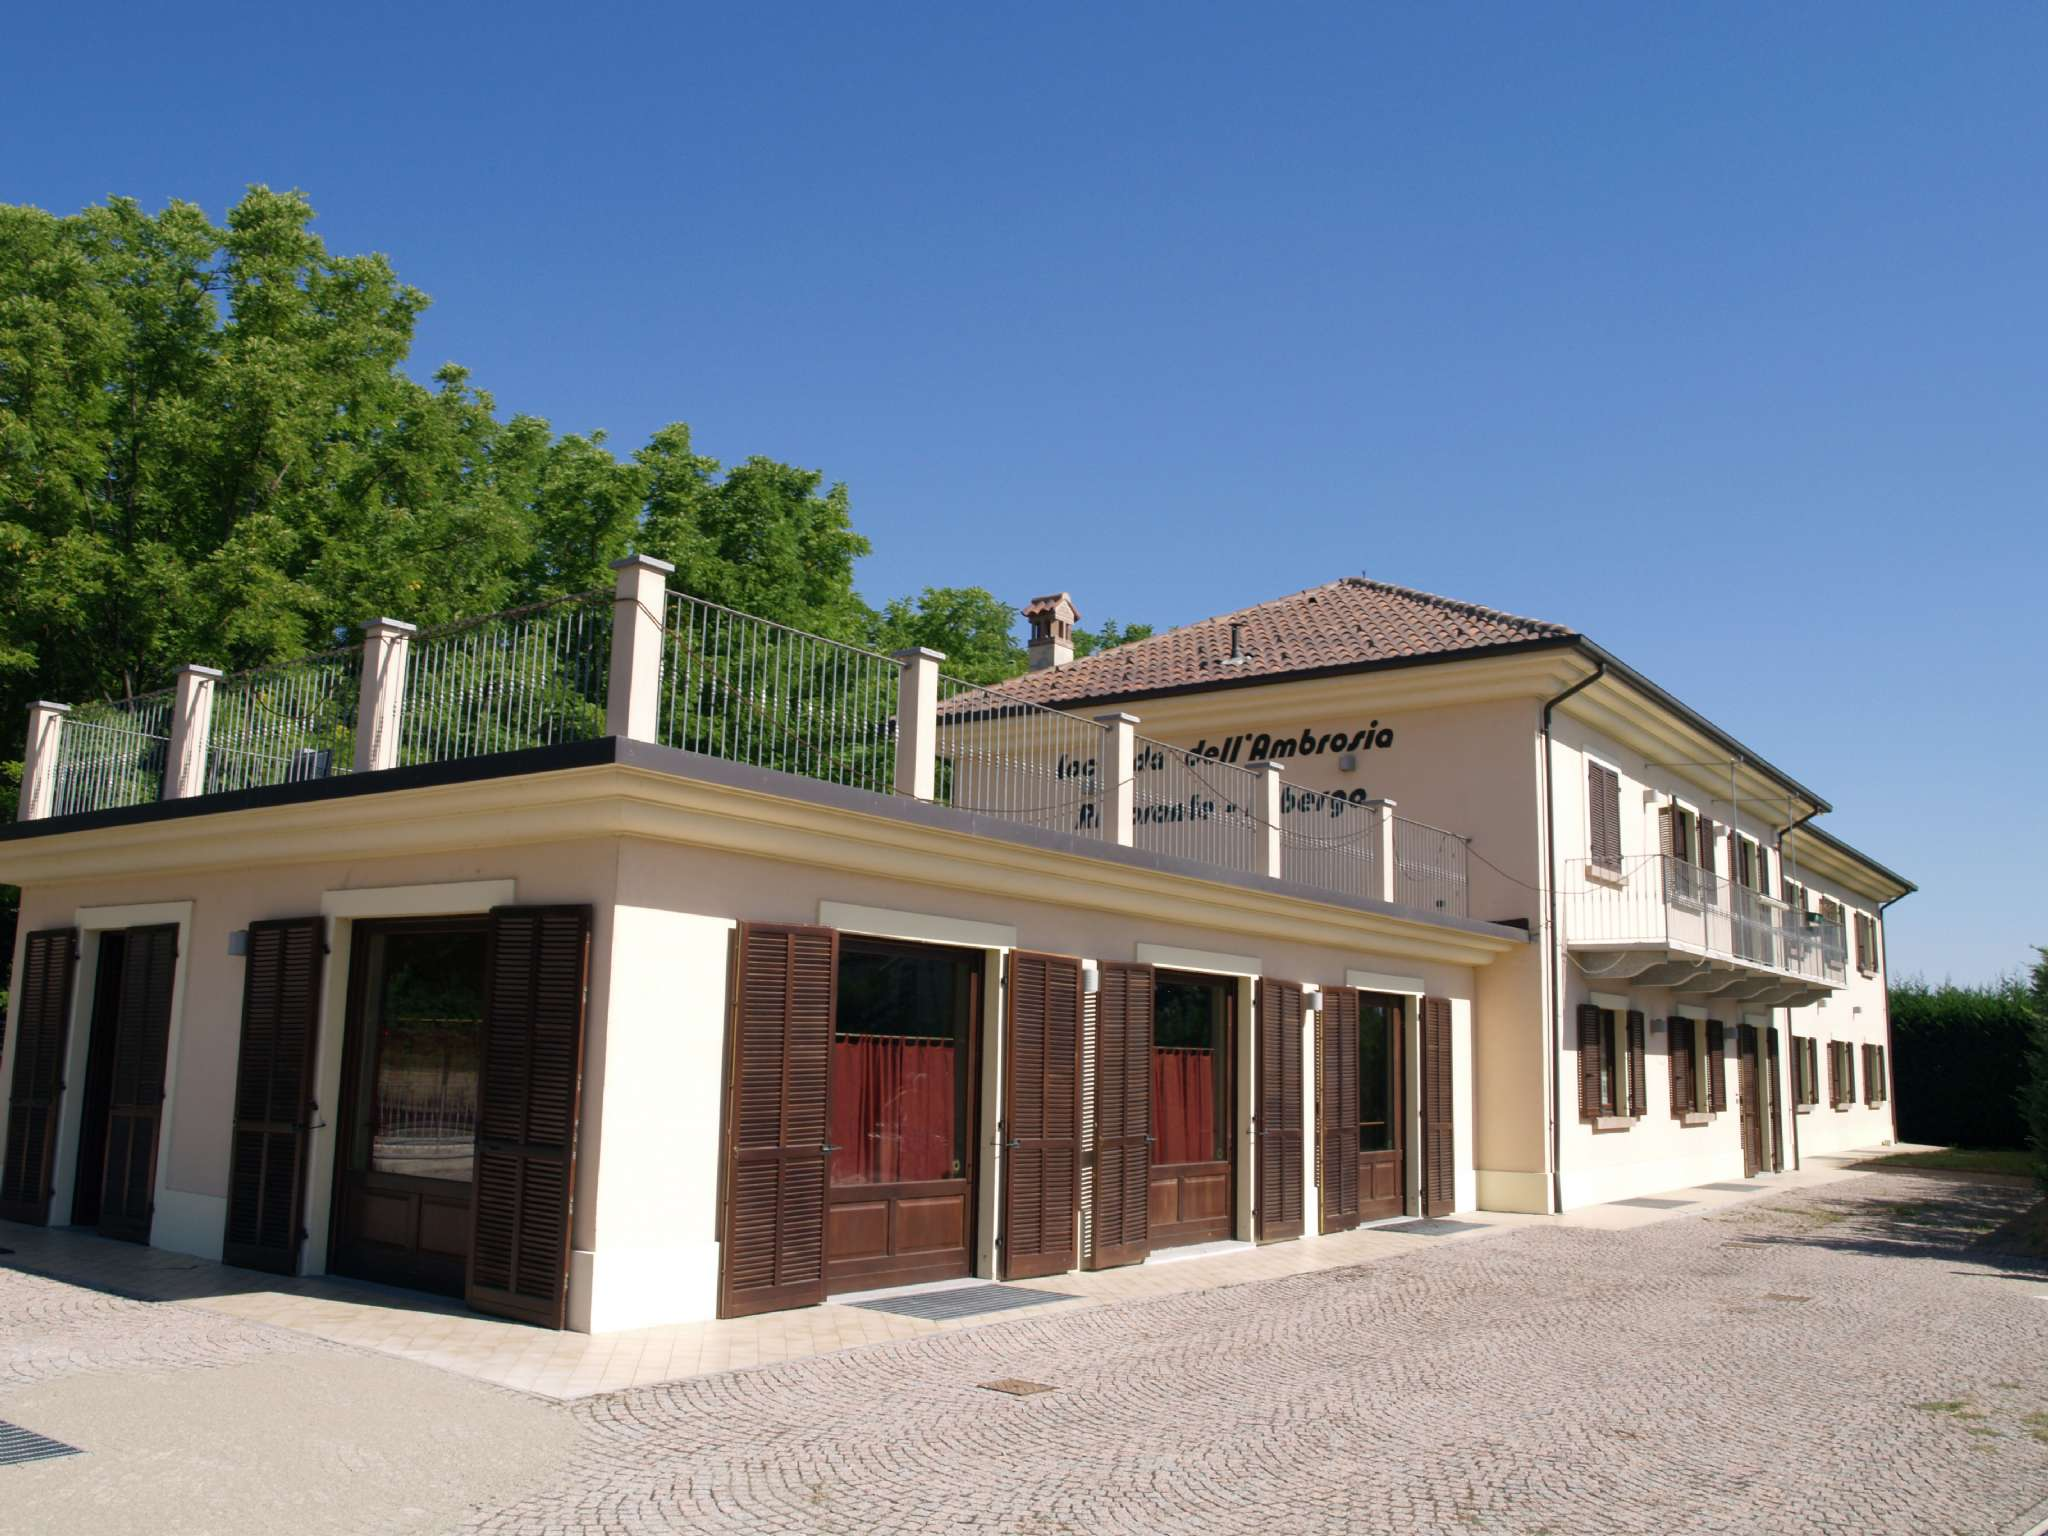 Immobile Commerciale in vendita a Magliano Alfieri, 10 locali, prezzo € 850.000 | Cambio Casa.it